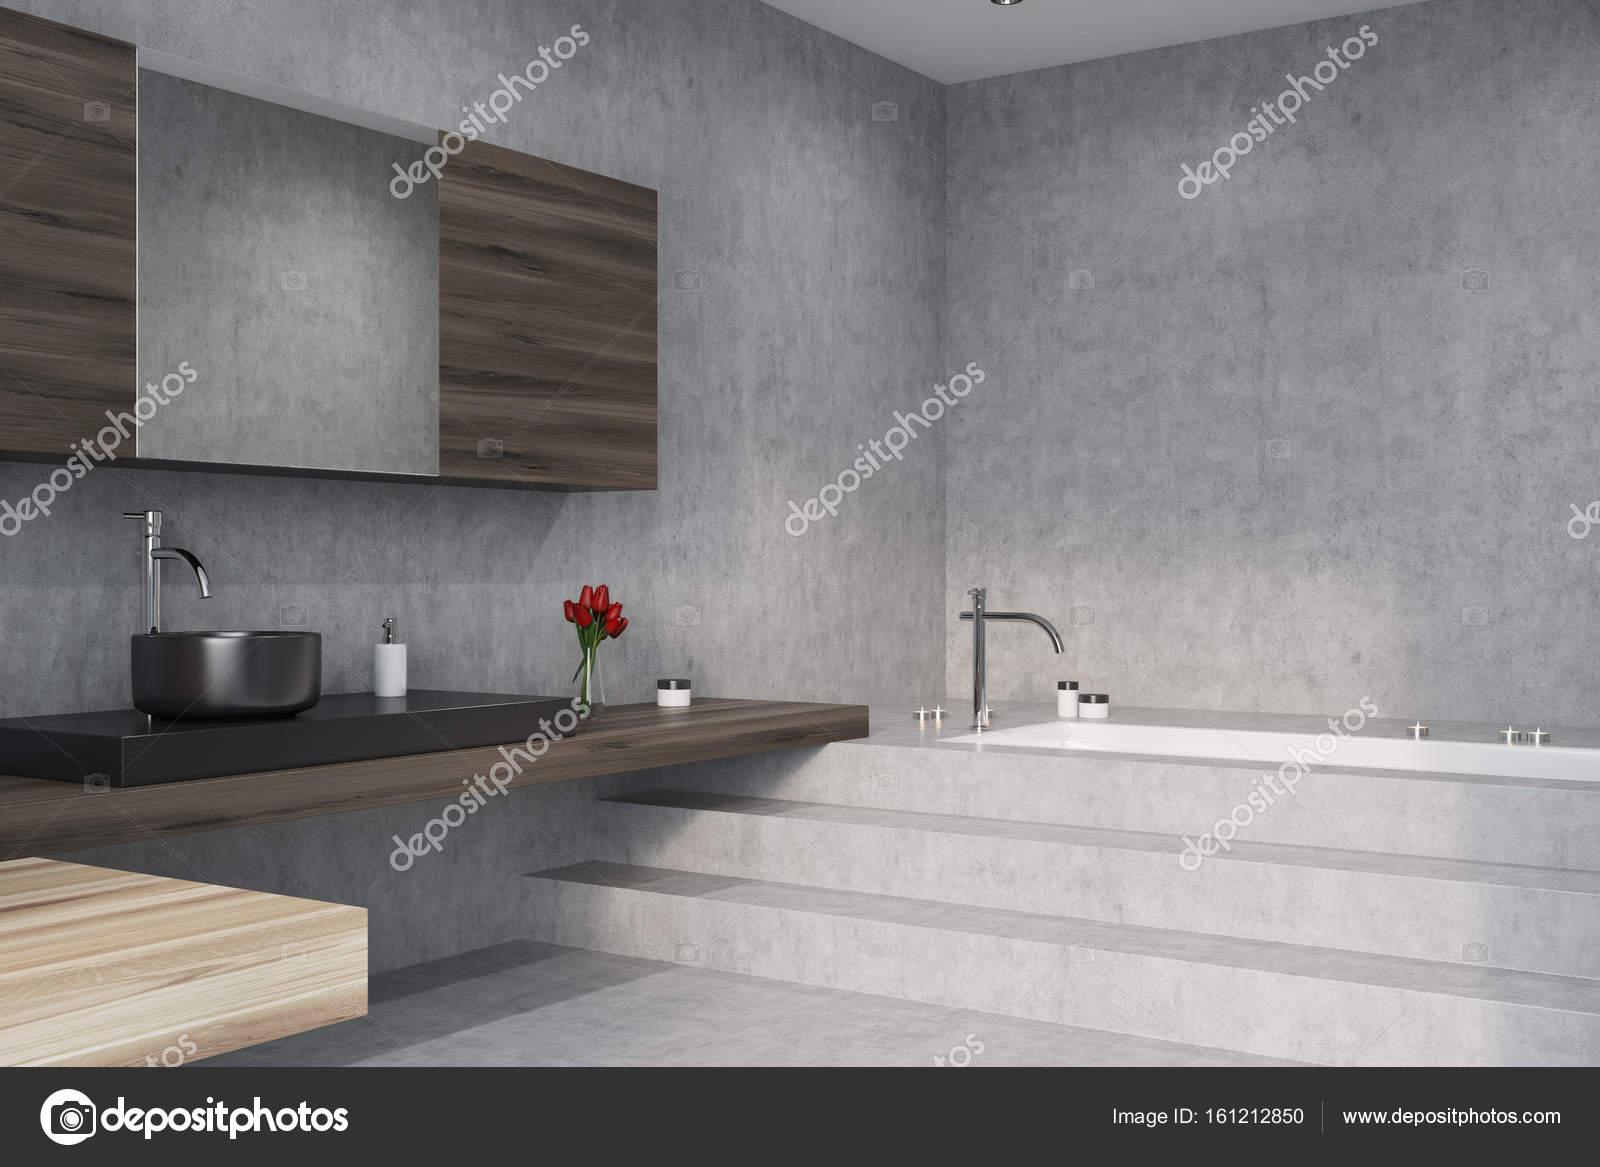 Beton, Bad, Wanne und Waschbecken, Ecke — Stockfoto ...